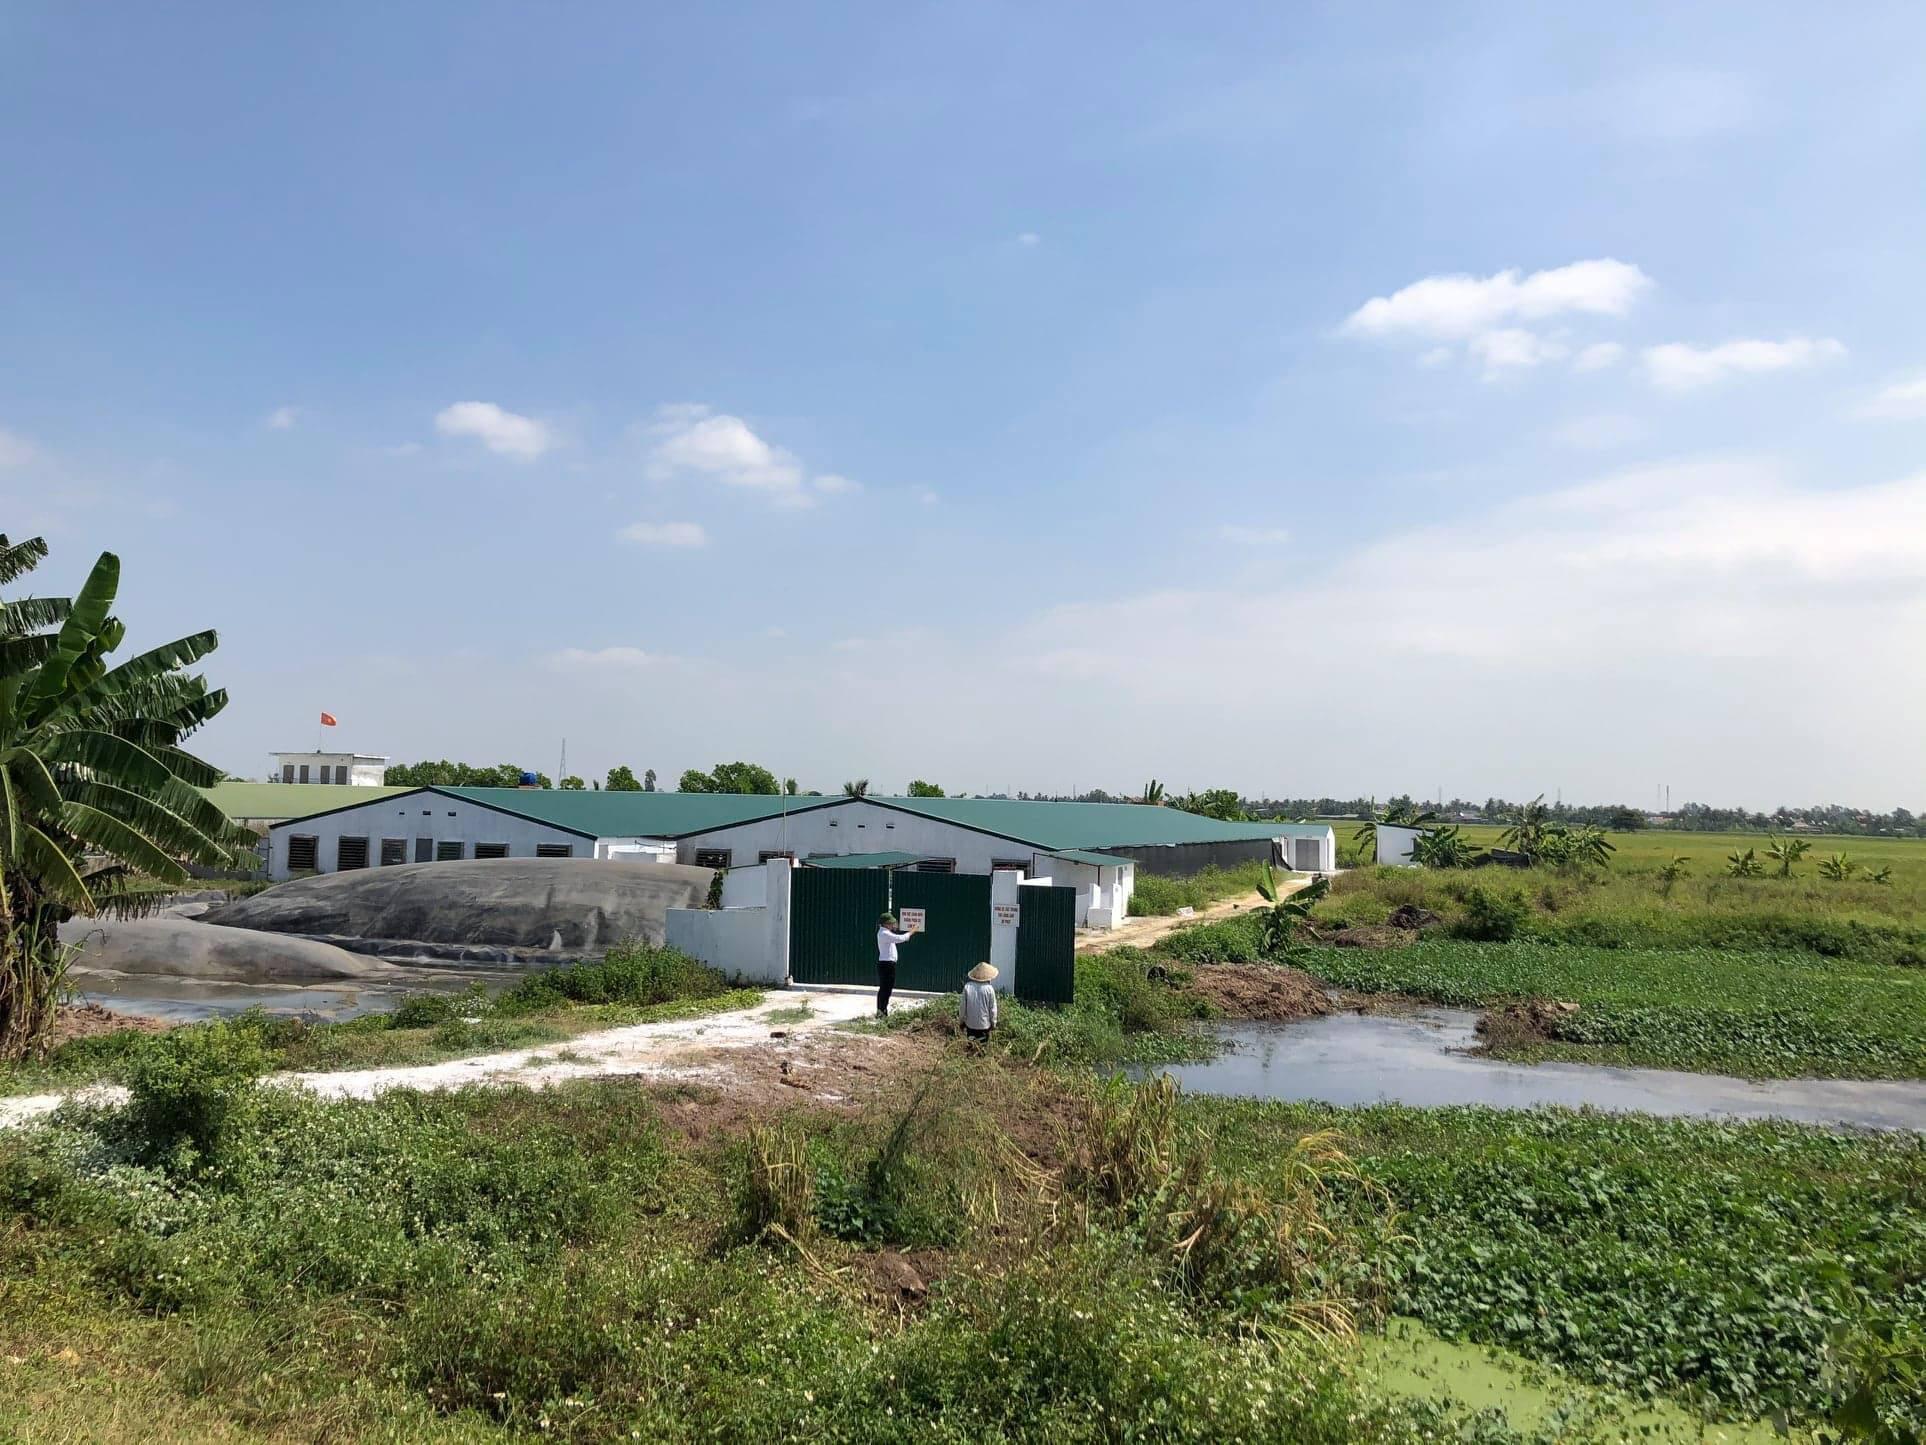 Hải Phòng: 8 trại lợn thi nhau xả thải, phân đặc kín dòng kênh - Ảnh 2.